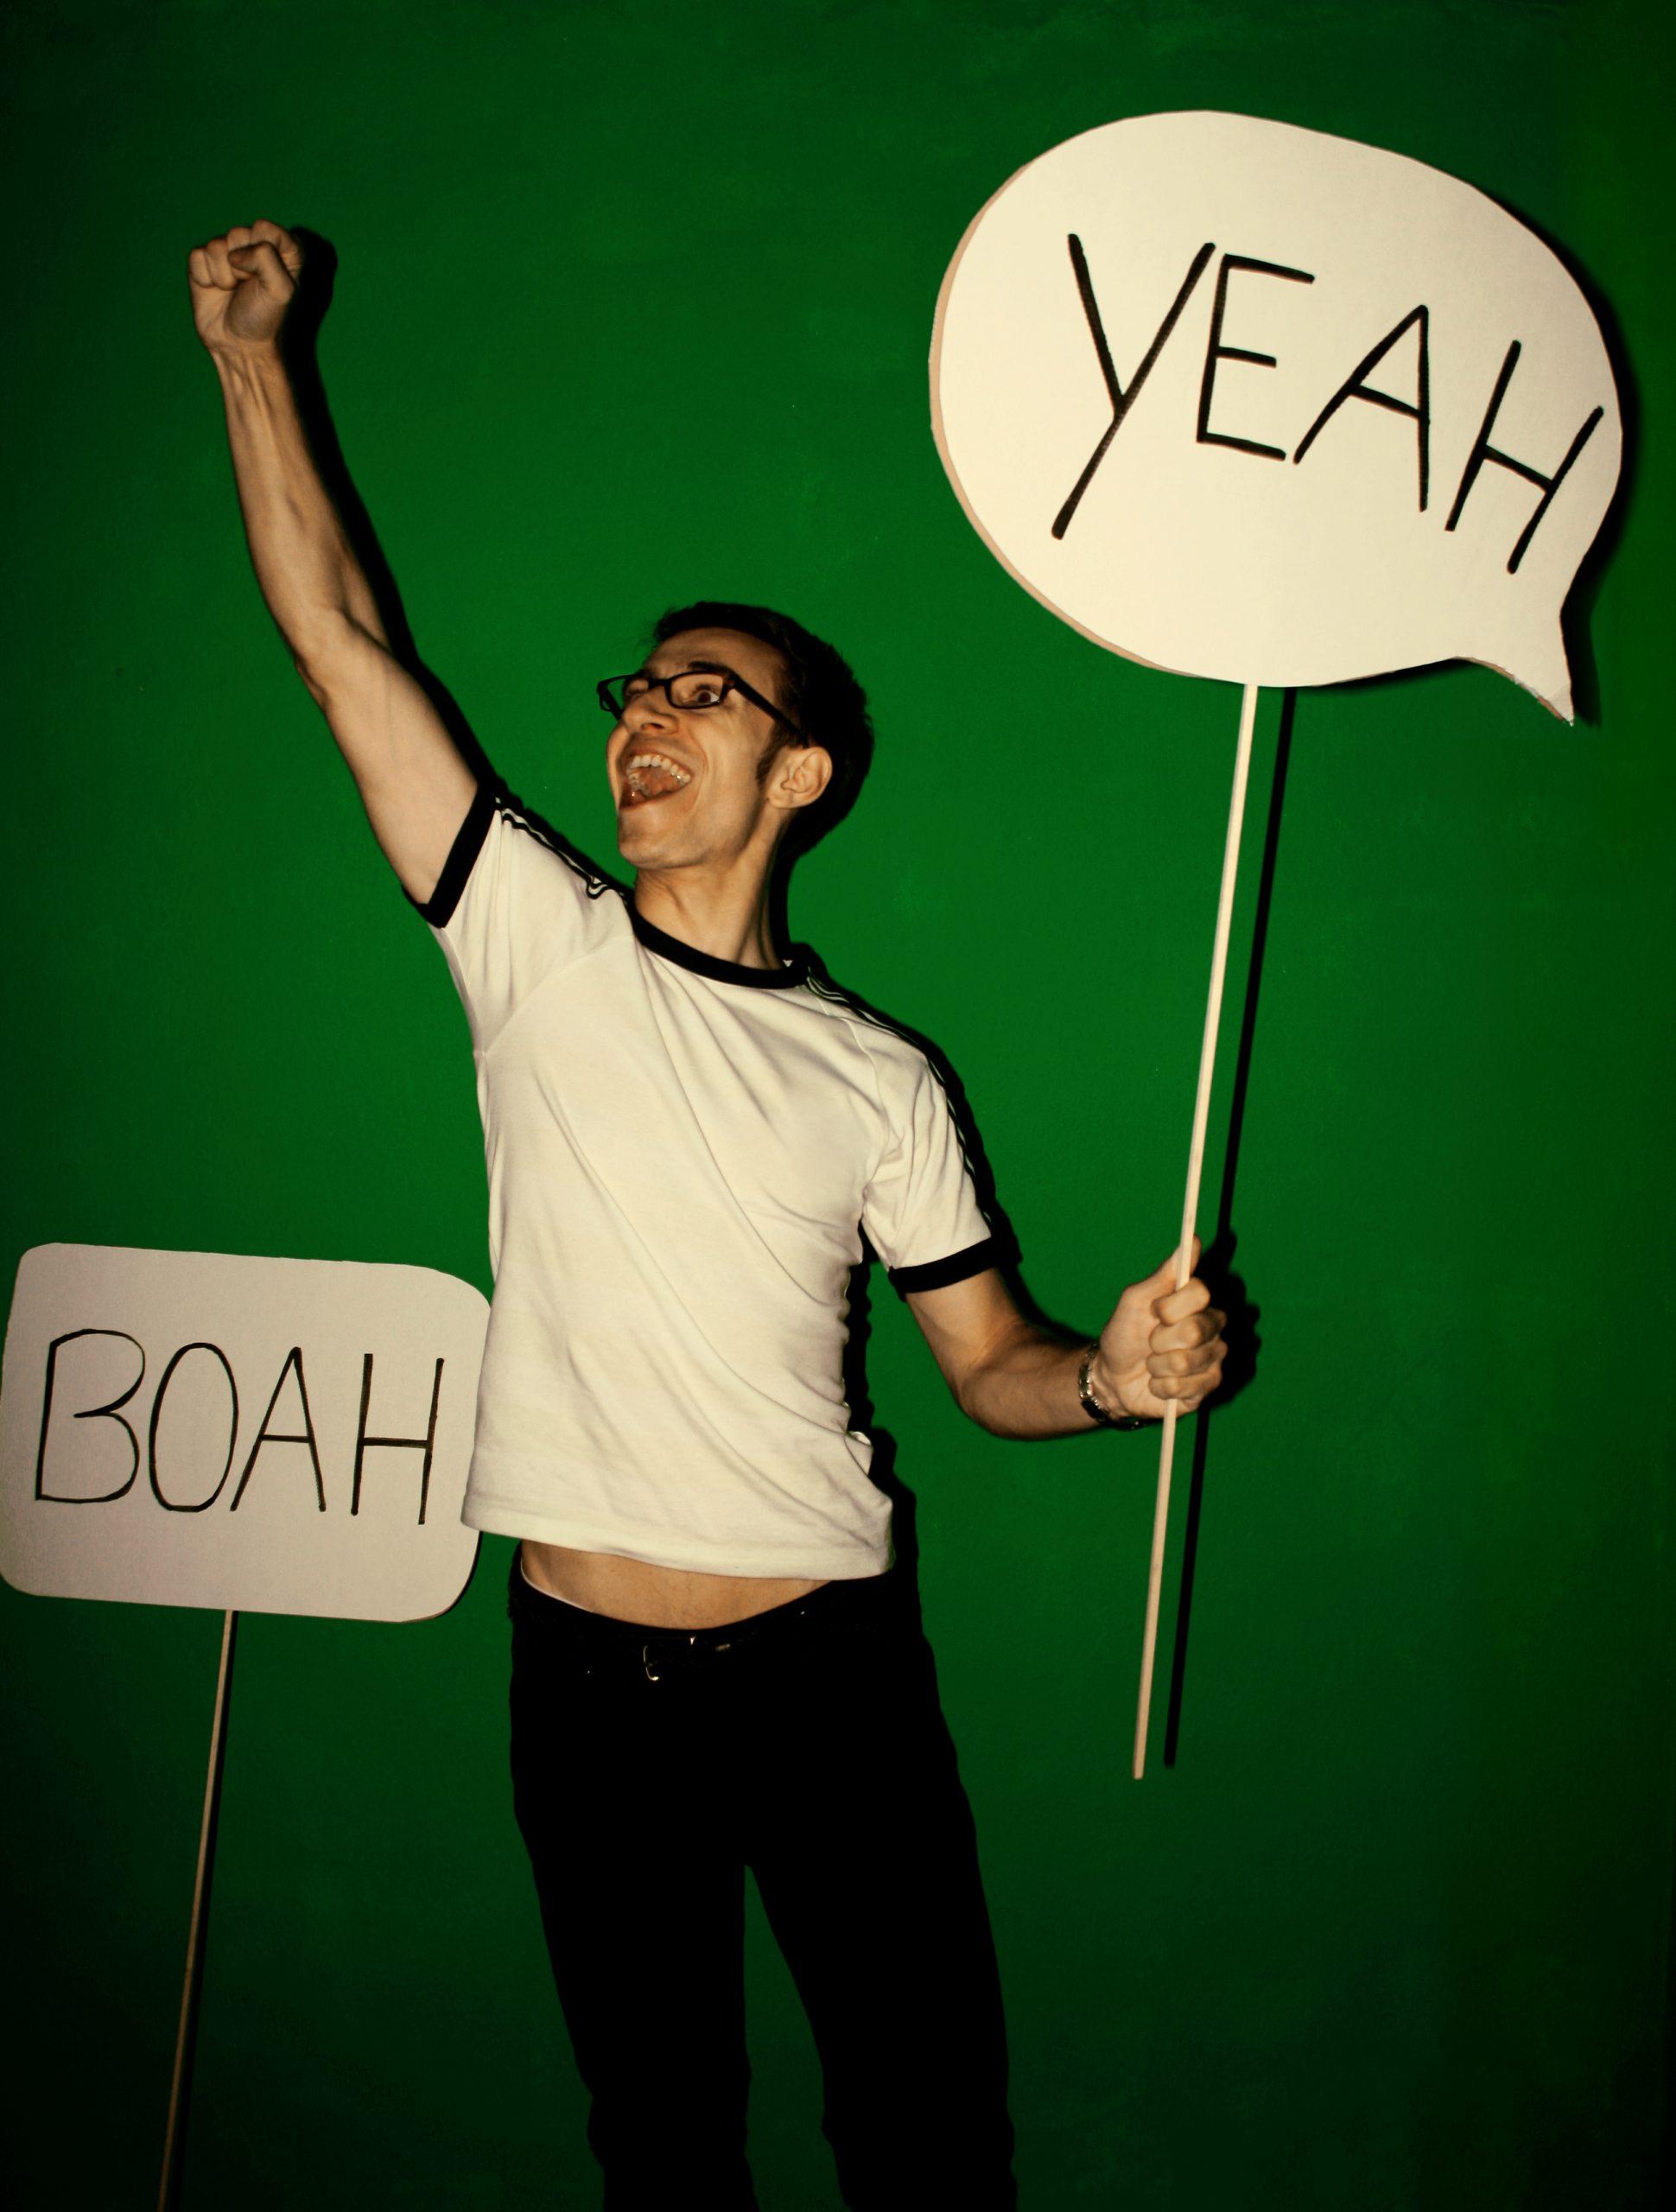 """Ein begeisterter Mensch äußert sich mit gezeichneten Sprechblasen an Stöckern mit """"Yeah"""" und """"Boah""""."""